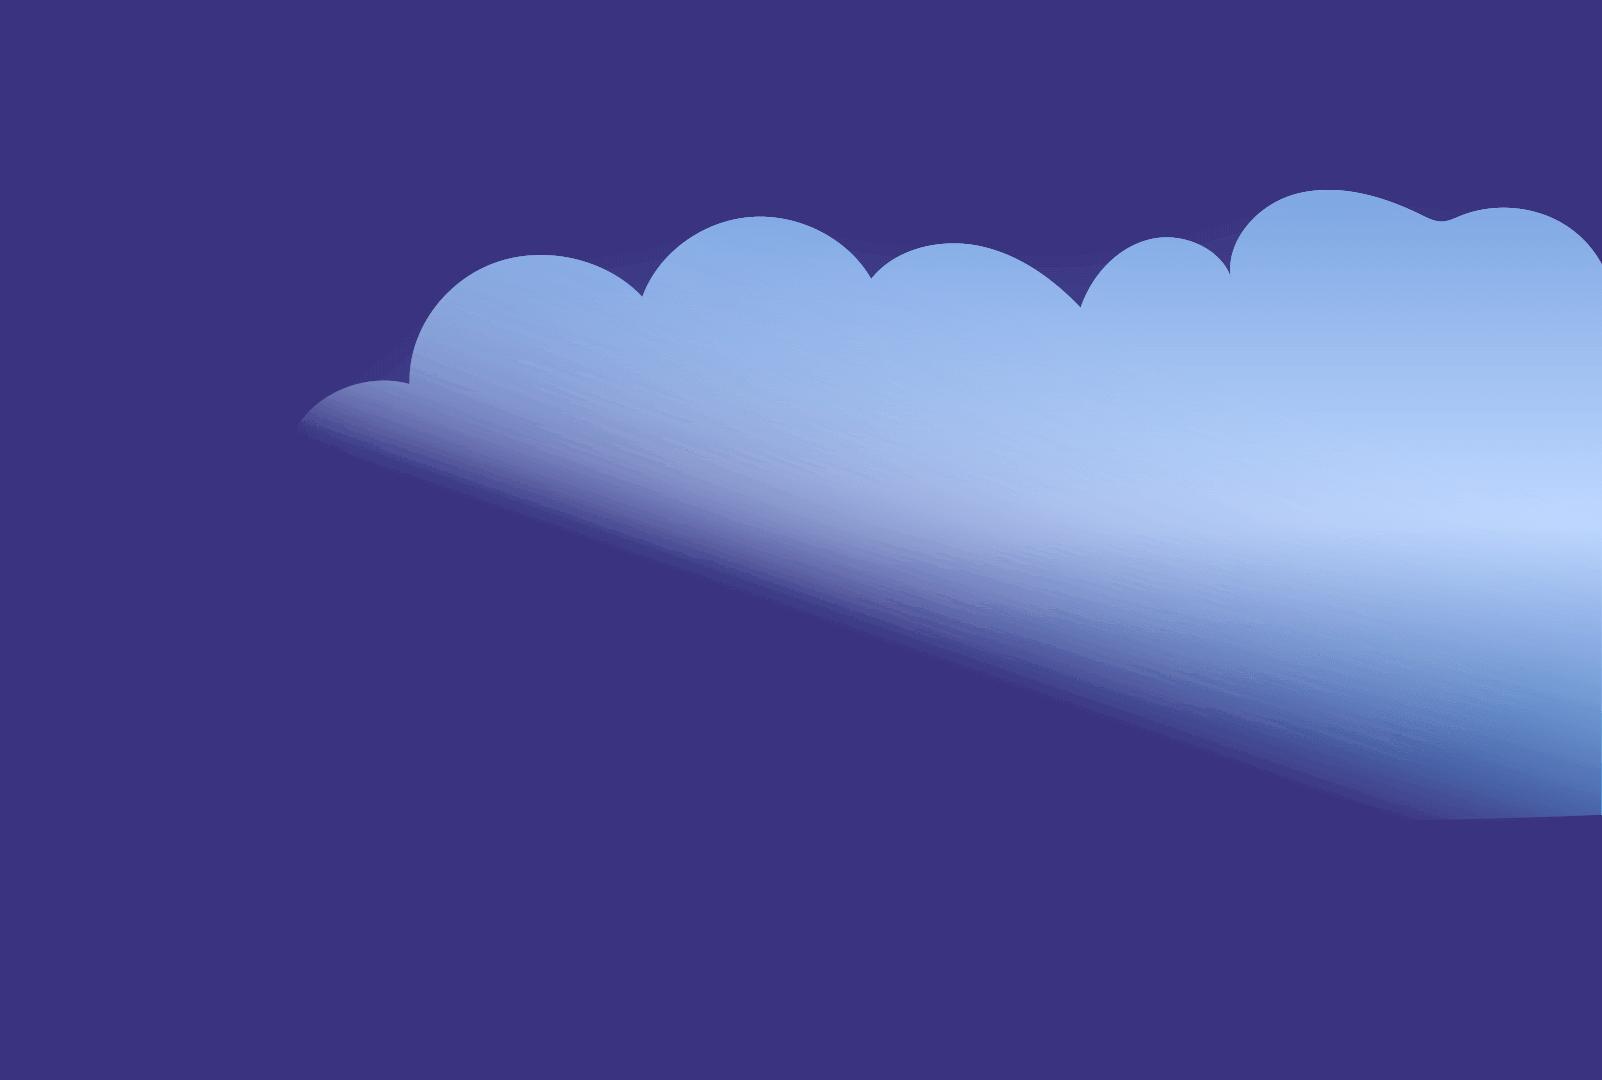 cloud2-1.png